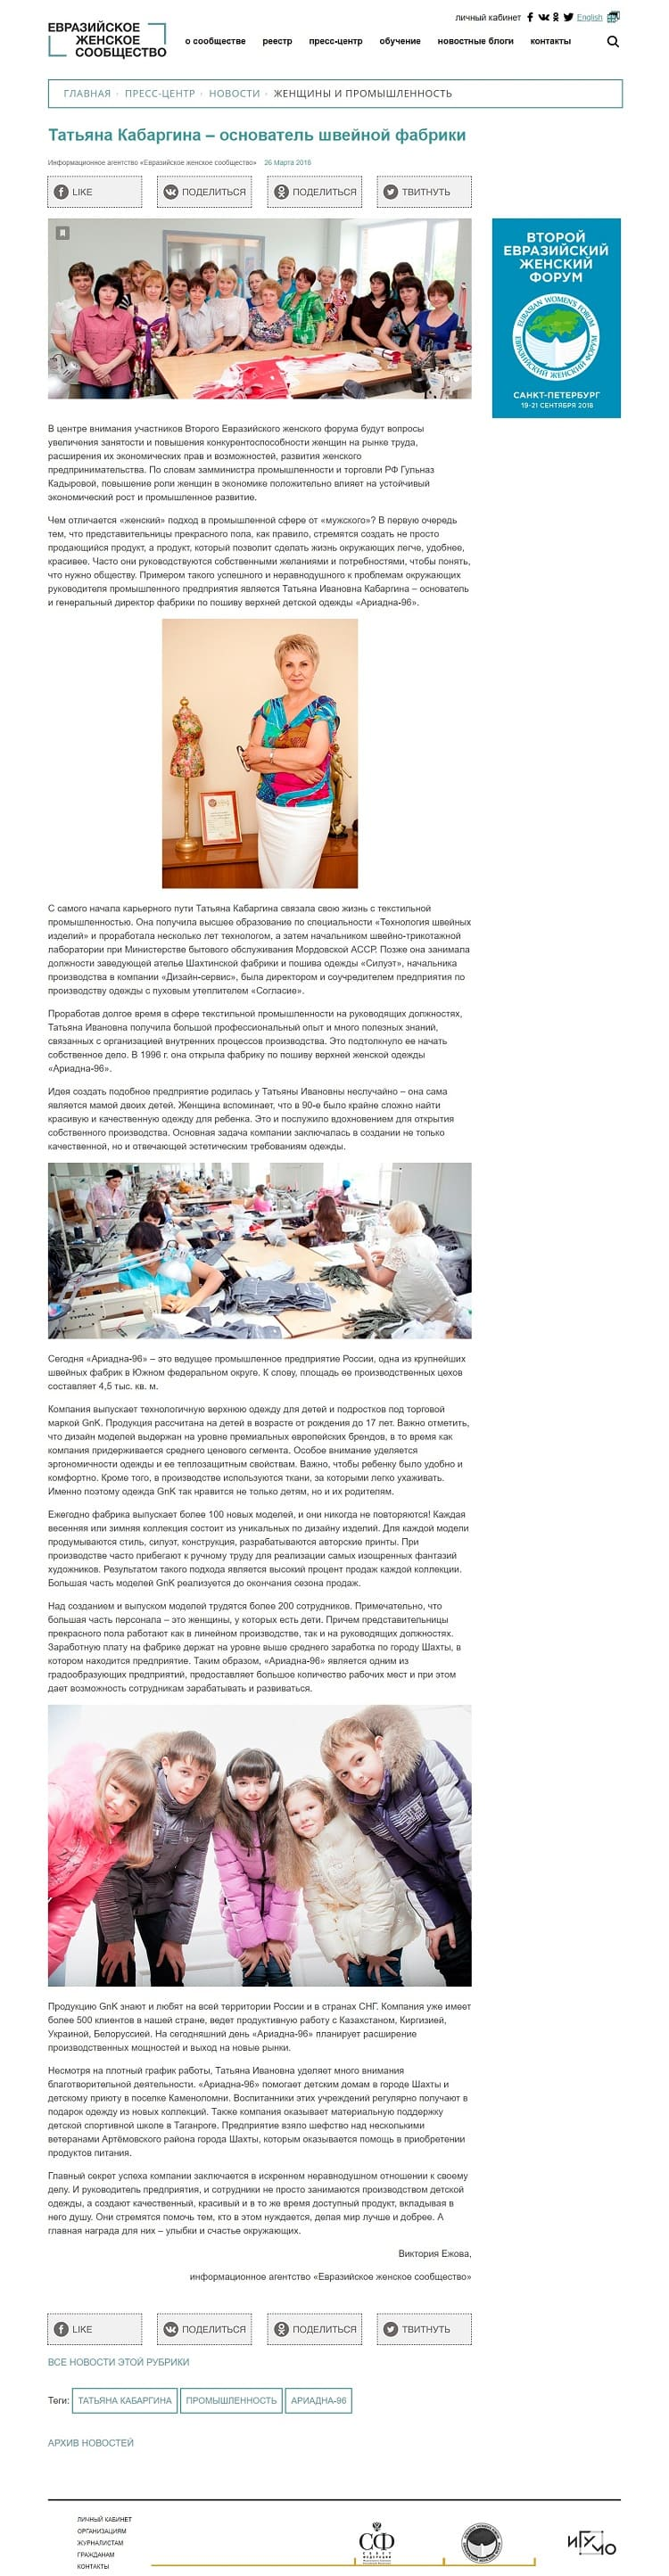 Второй Евразийский женский форум, Татьяна Кабаргина – основатель швейной фабрики